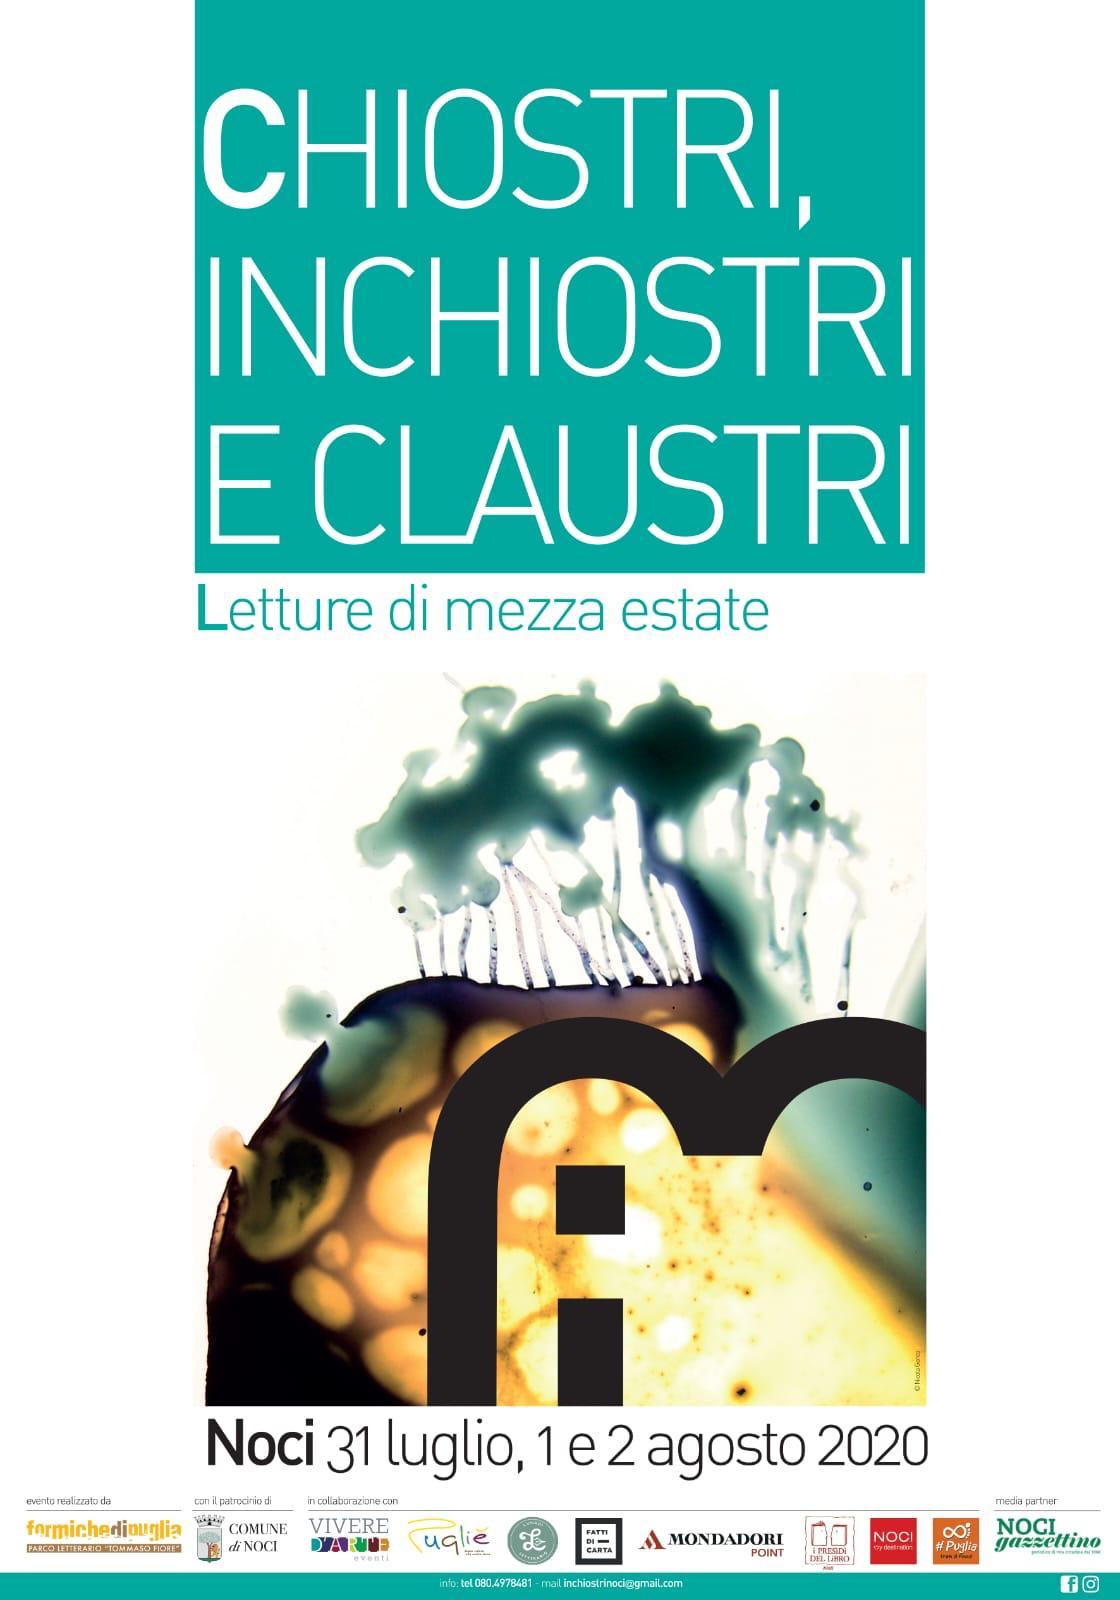 CHIOSTRI, INCHIOSTRI E CLAUSTRI - Dal 31 luglio al 2 agosto a Noci il festival letterario